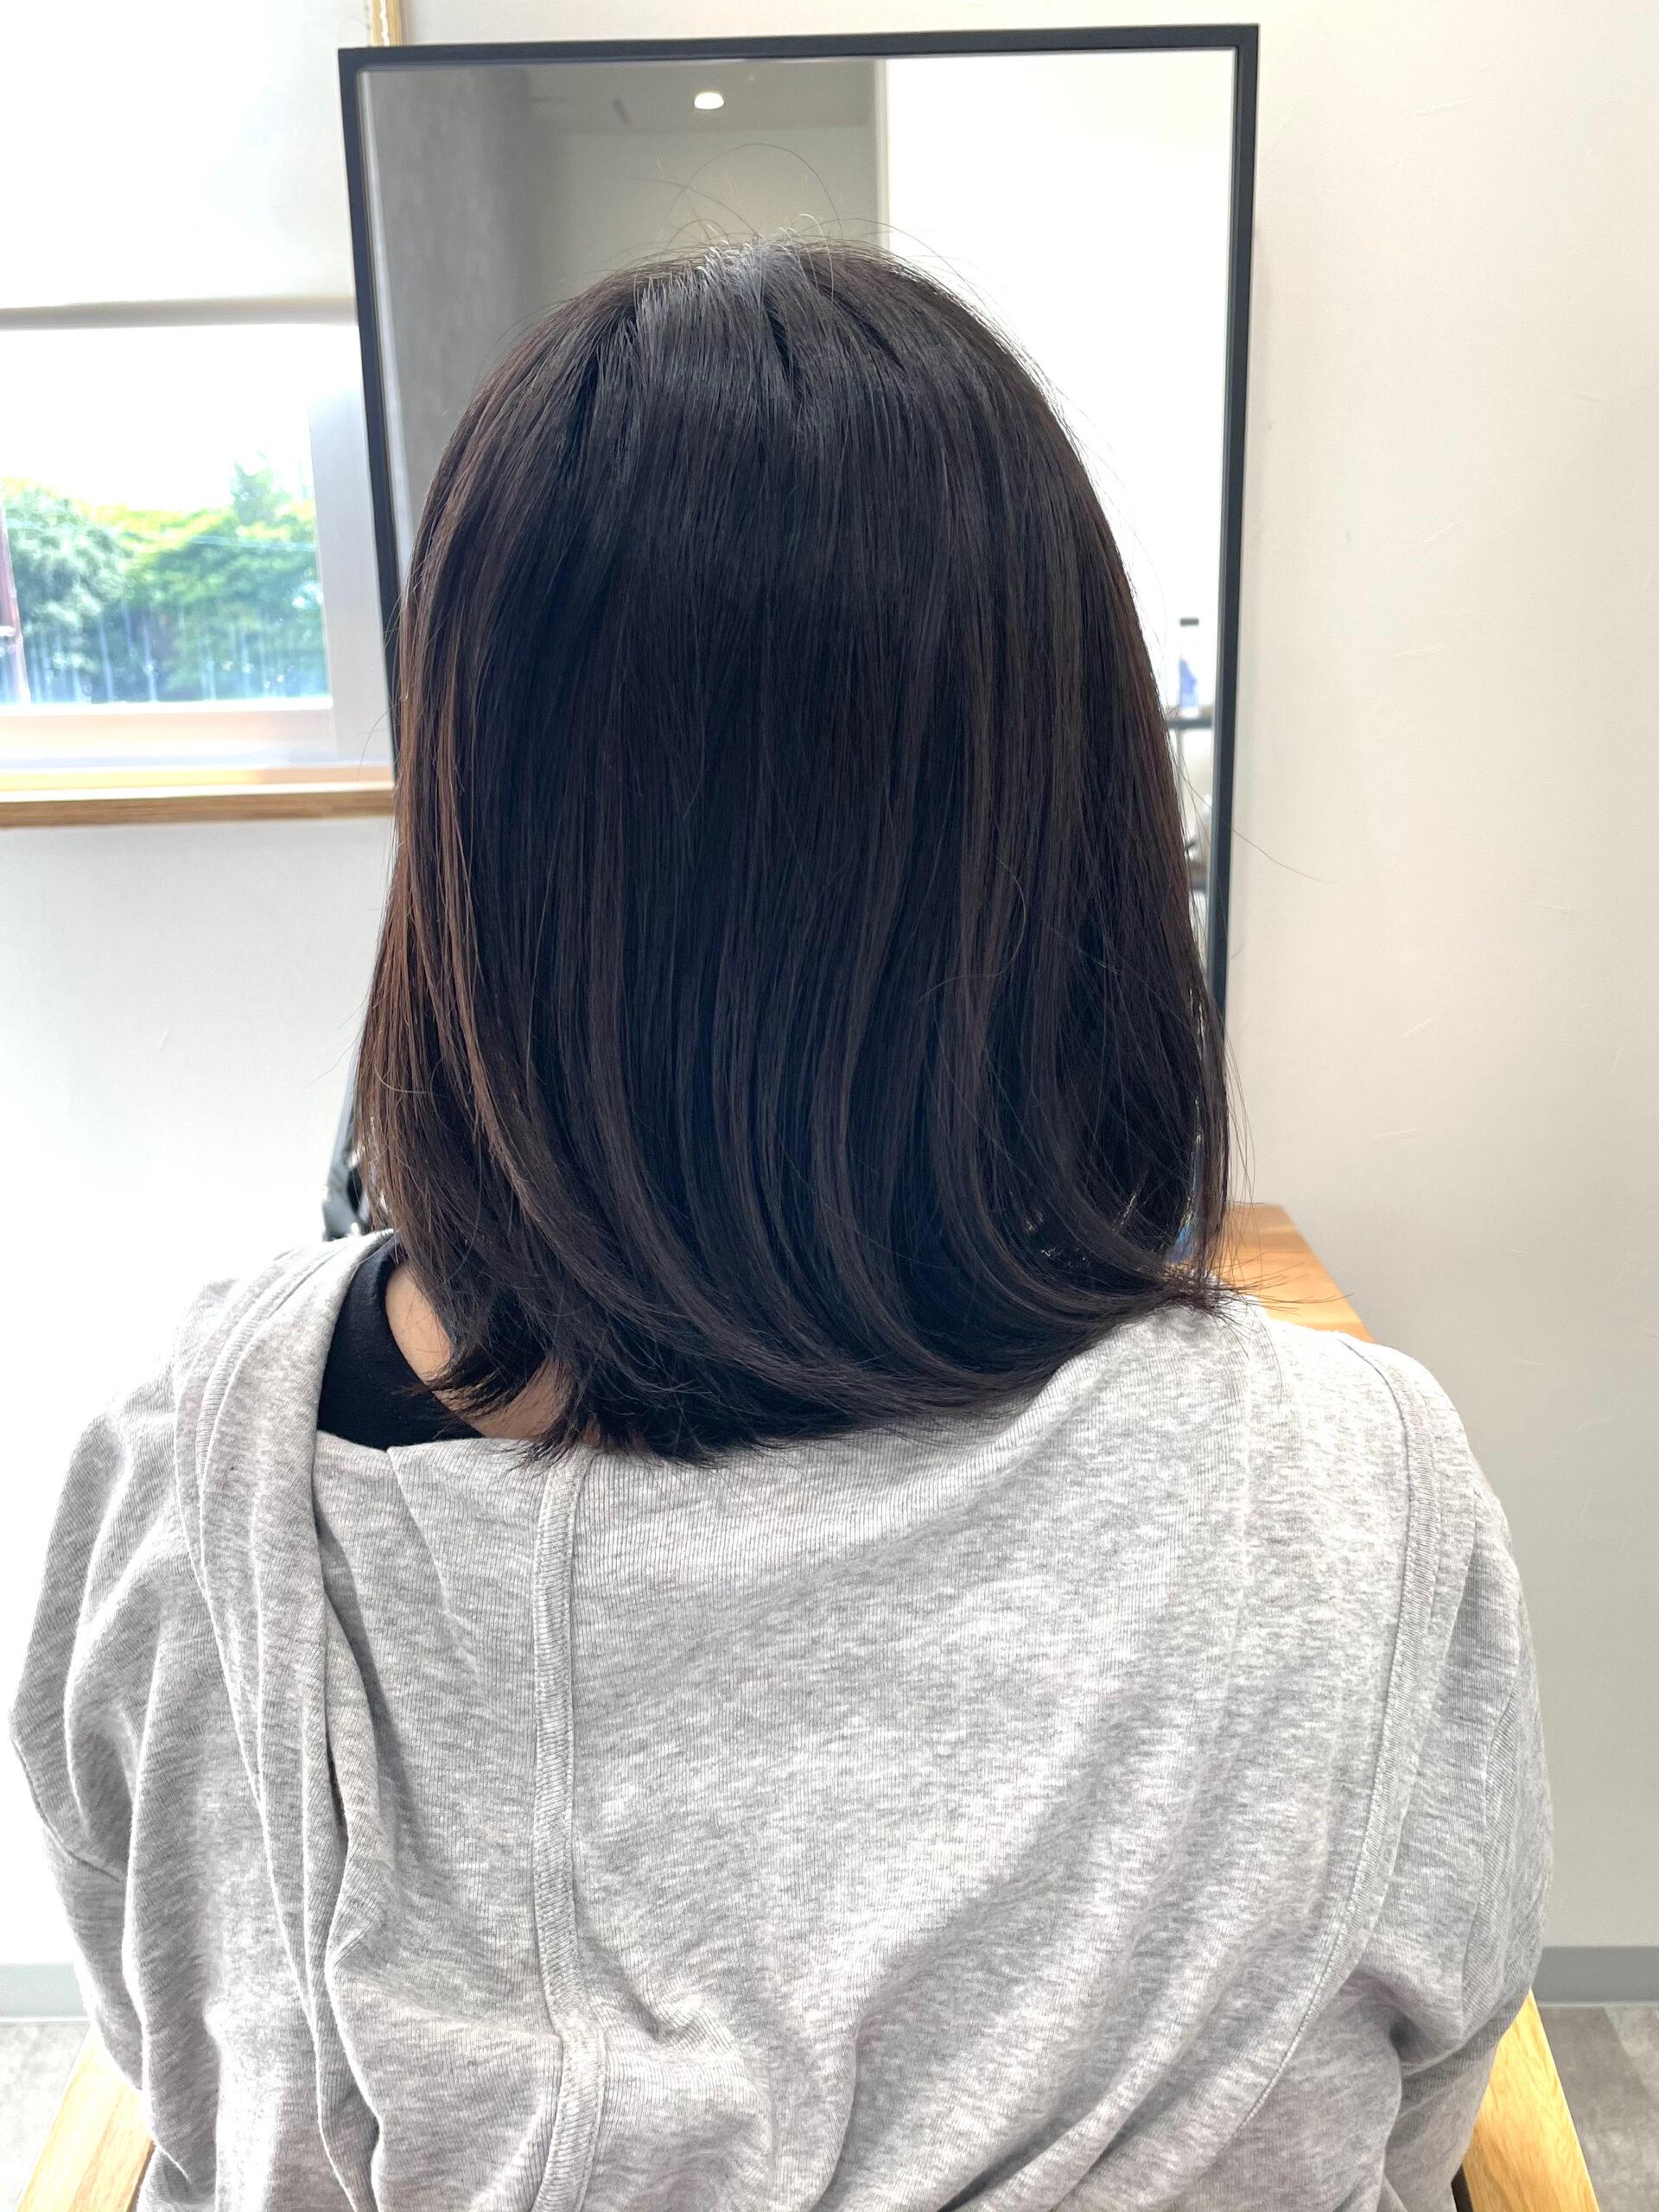 大分県別府市 弱酸性の縮毛矯正で髪質改善 ビフォー